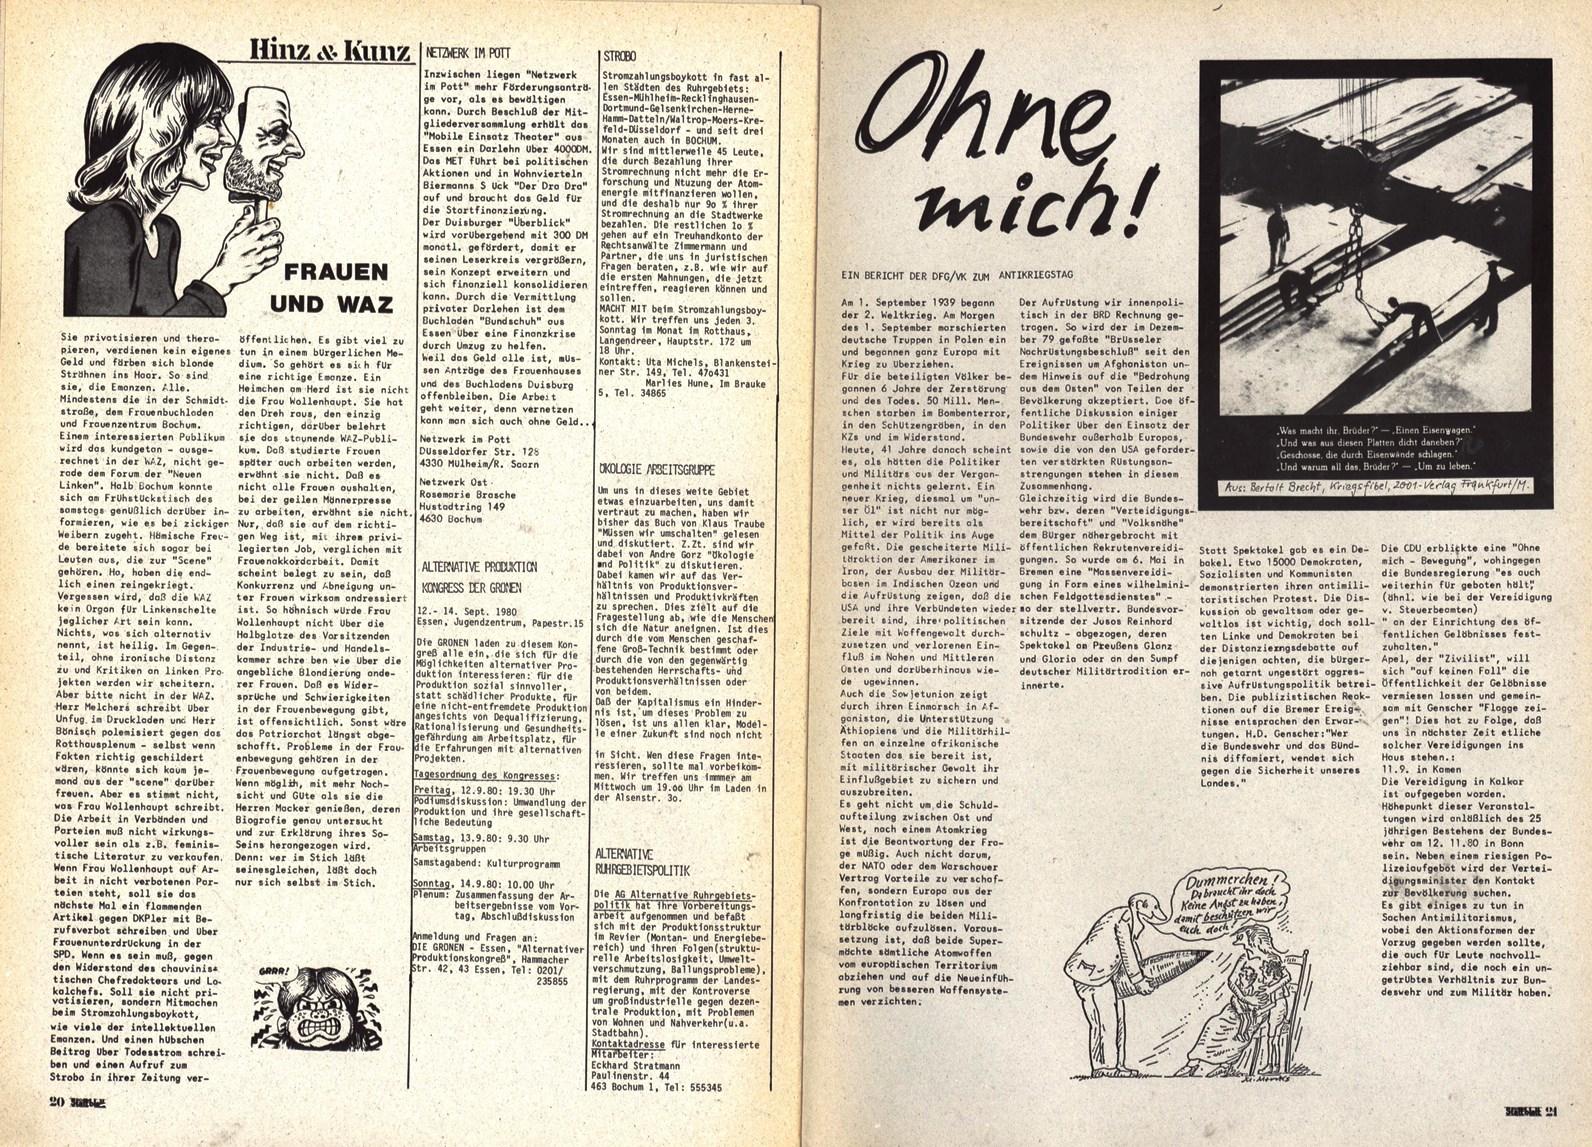 Bochum_Stattblatt_19800900_40_11